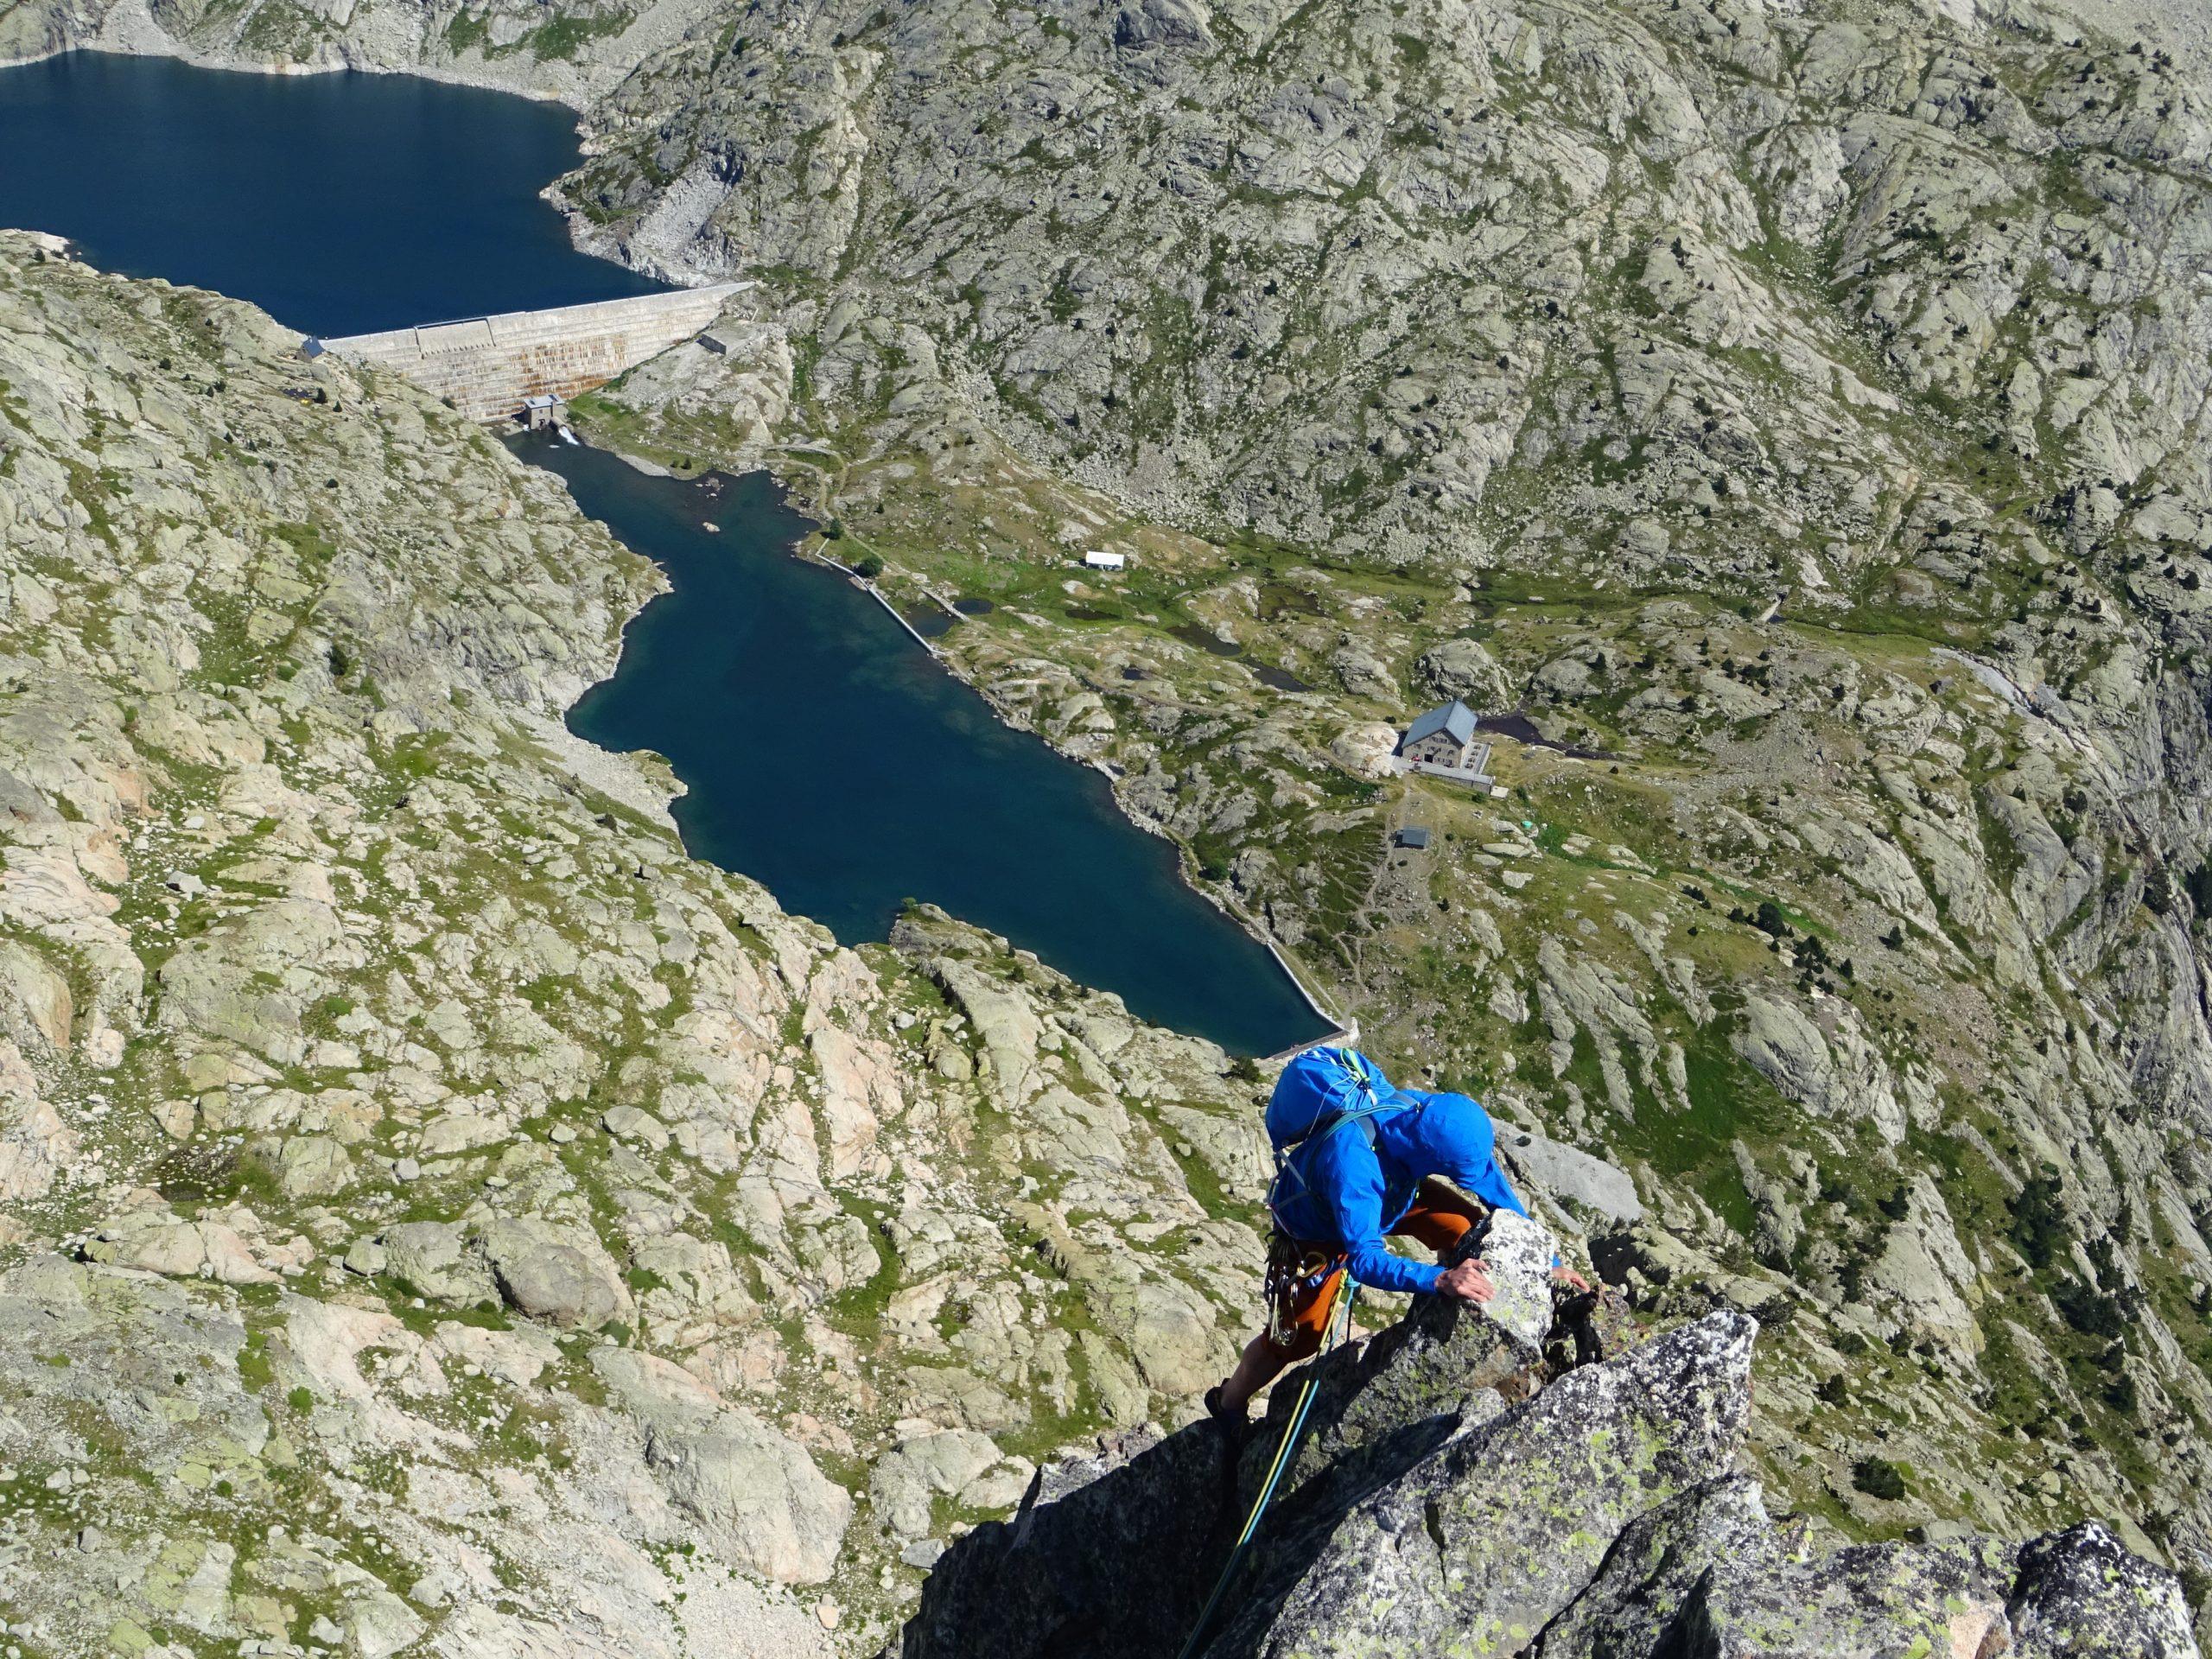 Escalada en el Valle del Tena. Muro de la Cascada y  Aguja de Bachimaña